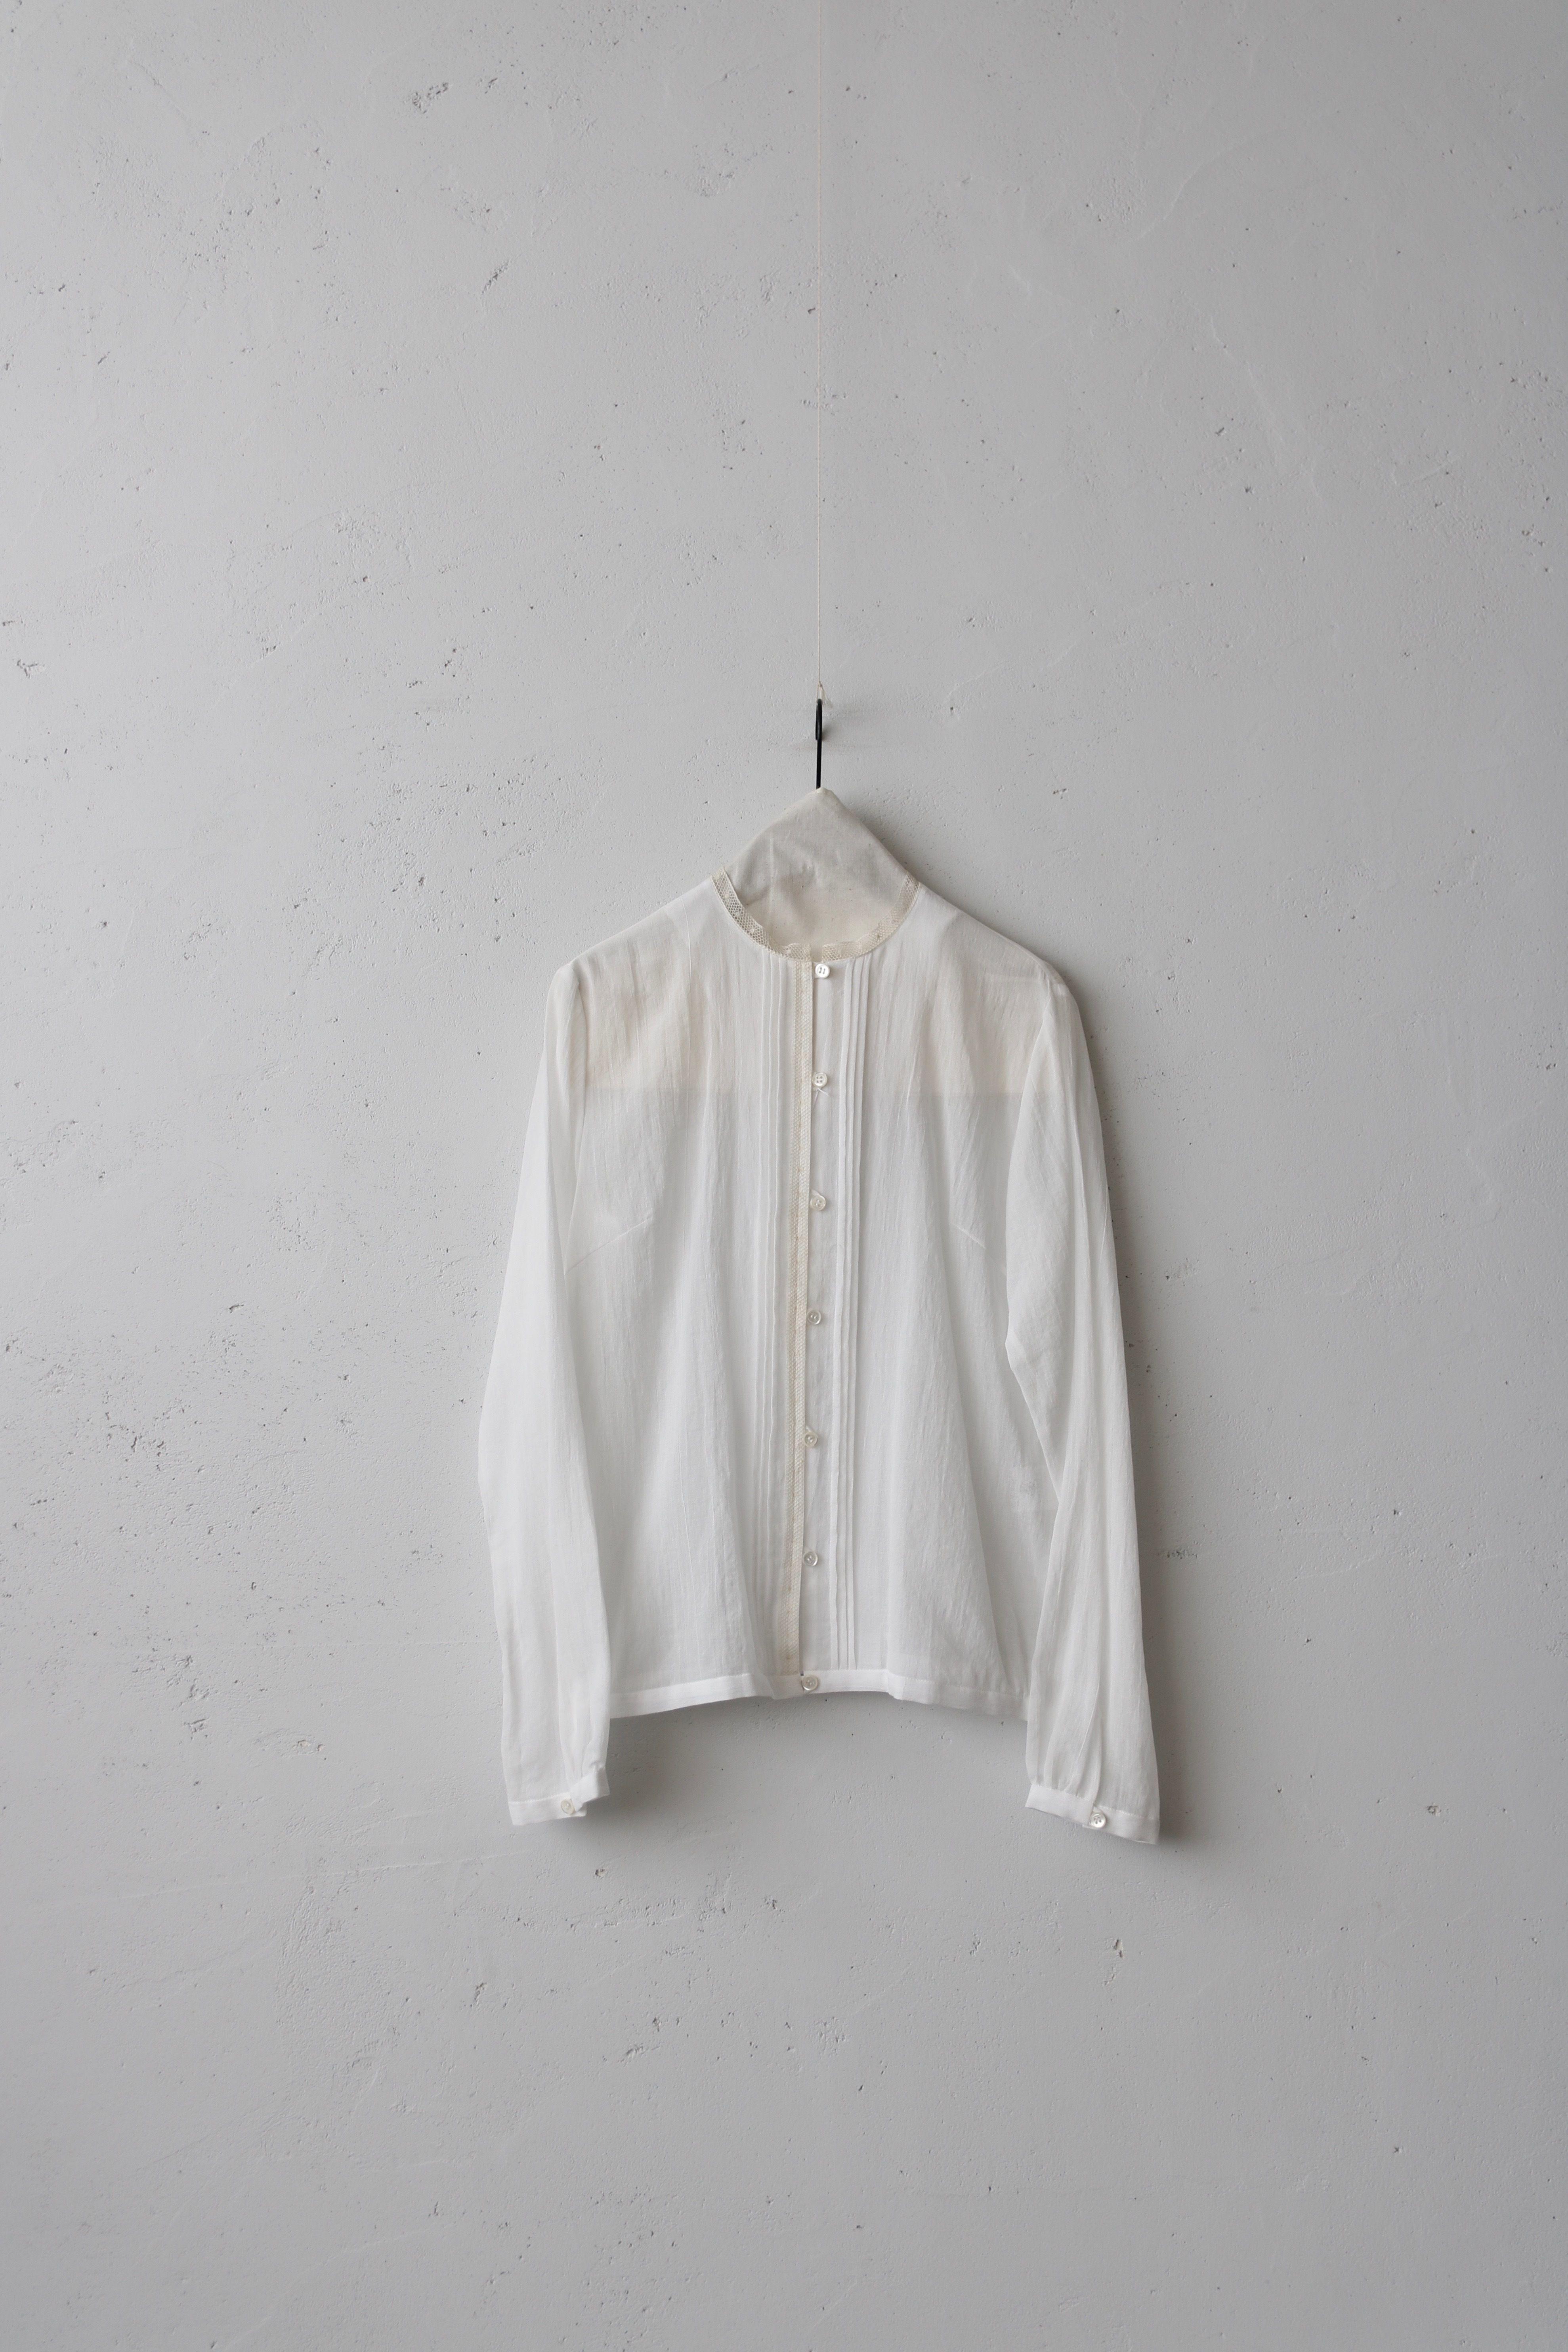 cavane キャヴァネ / Stand-collar blouse ピンタックブラウス/ ca-18011